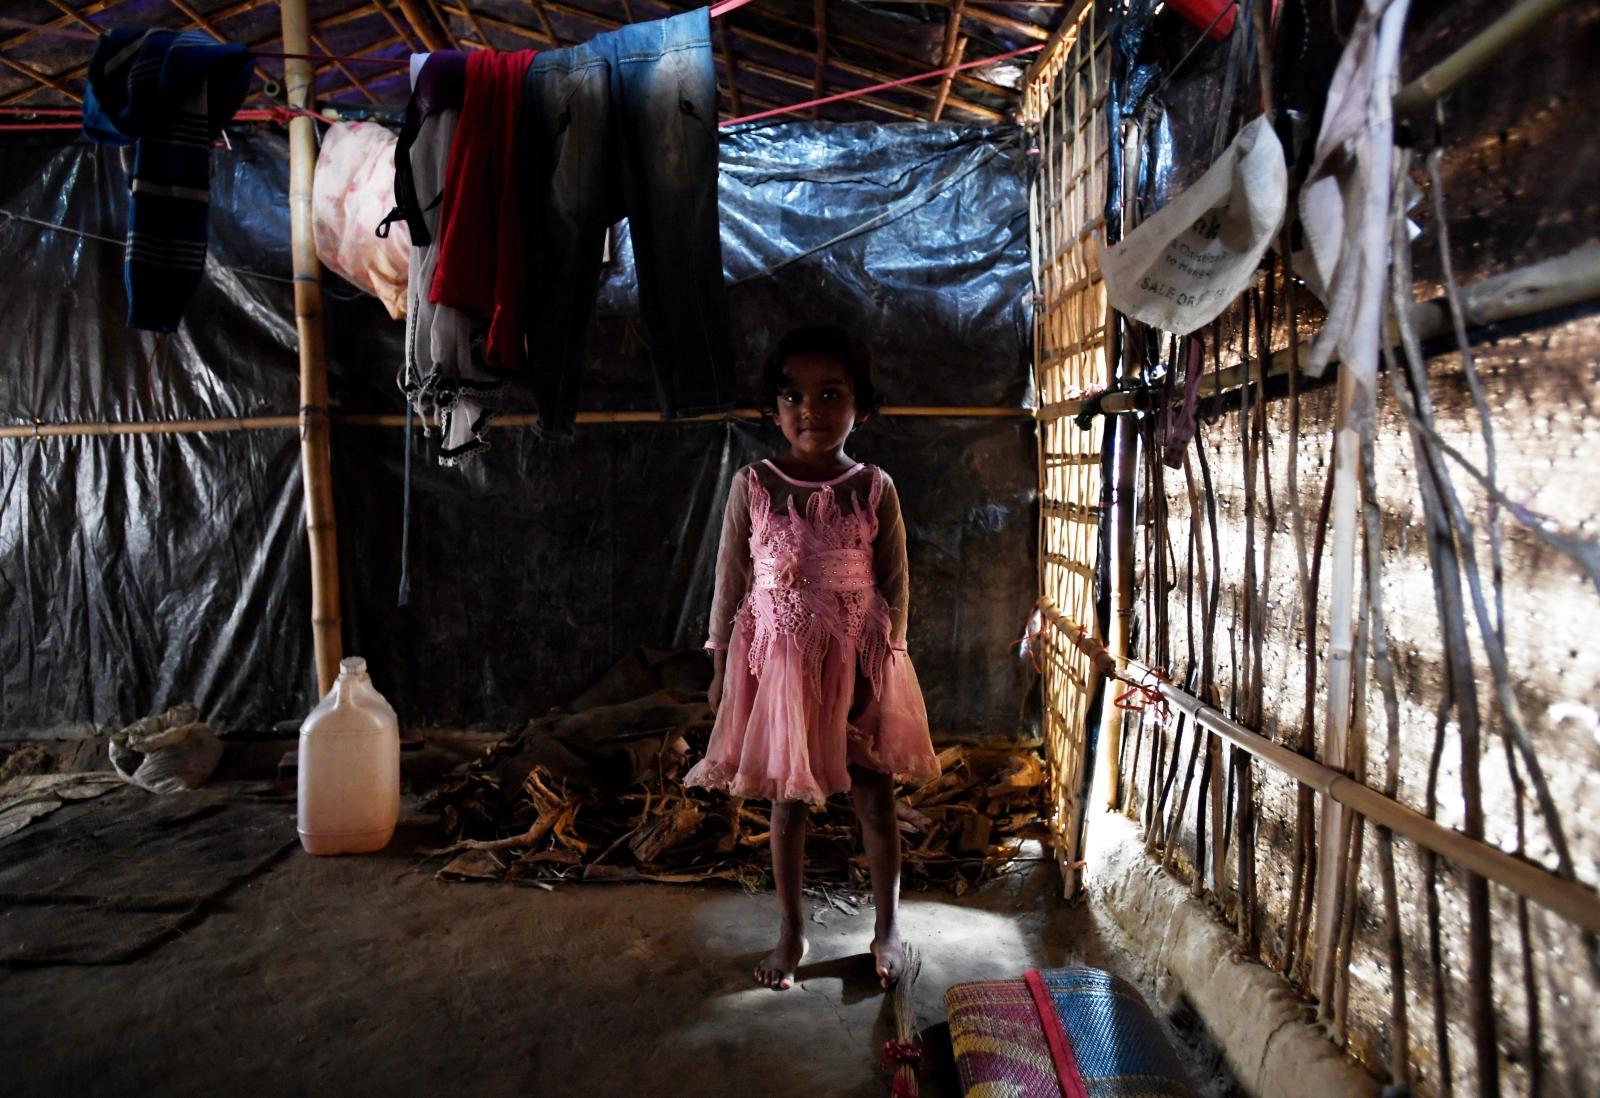 Czteroletnia dziewczynka w swojej chacie w obozie dla uchodźców, Bangladesz, fot.  EPA/TRACEY NEARMY  AUSTRALIA AND NEW ZEALAND OUT